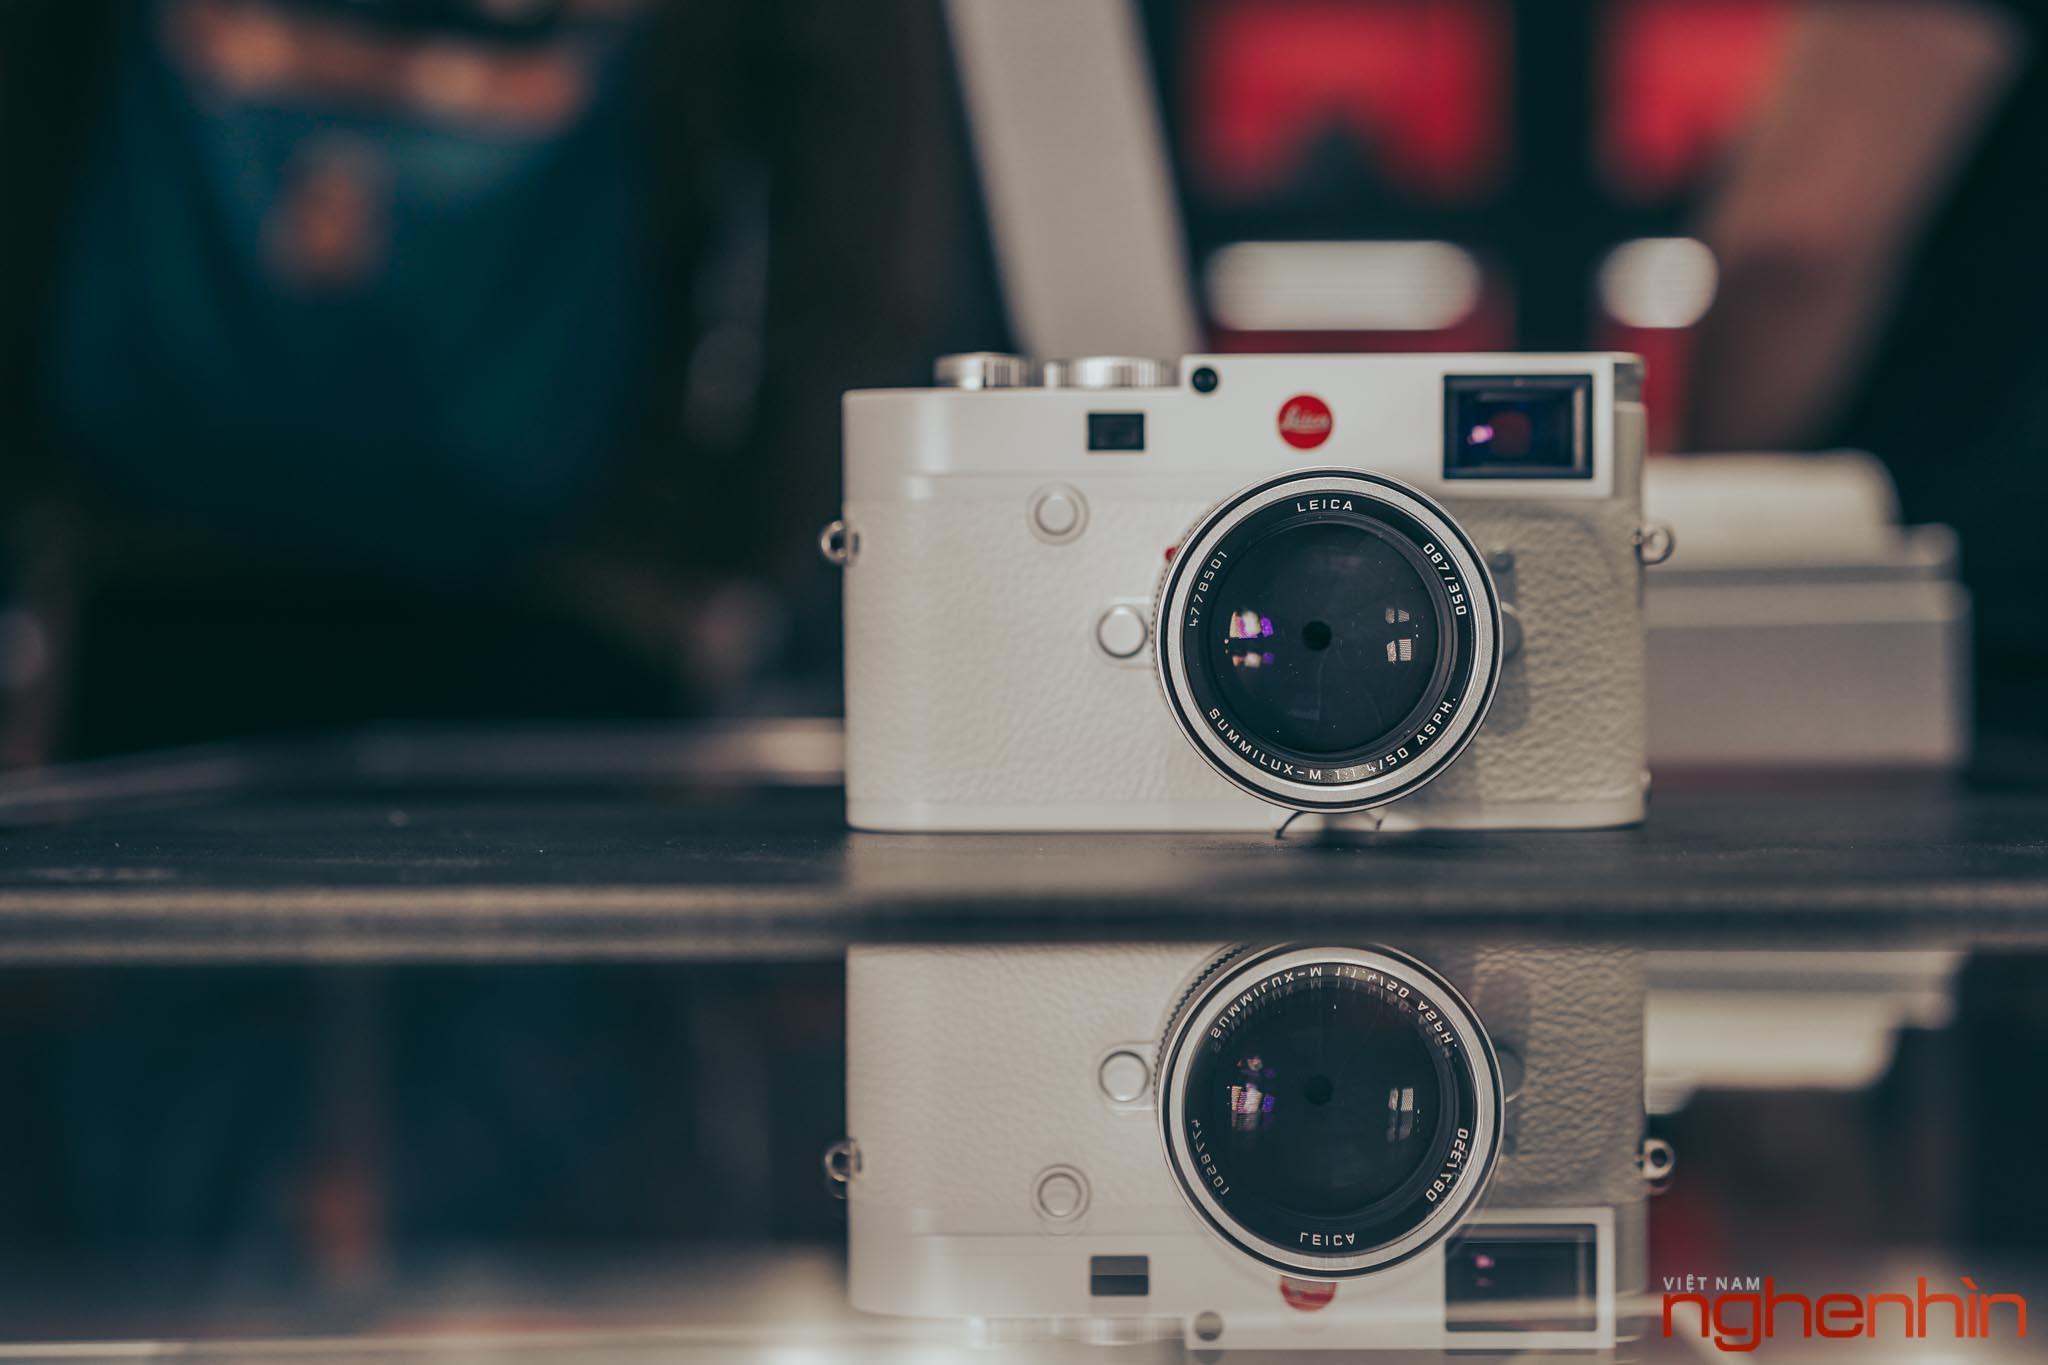 Trên tay Leica M10-P 'White' Edition tại Việt Nam: giá 420 triệu, giới hạn 350 chiếc Ảnh 1